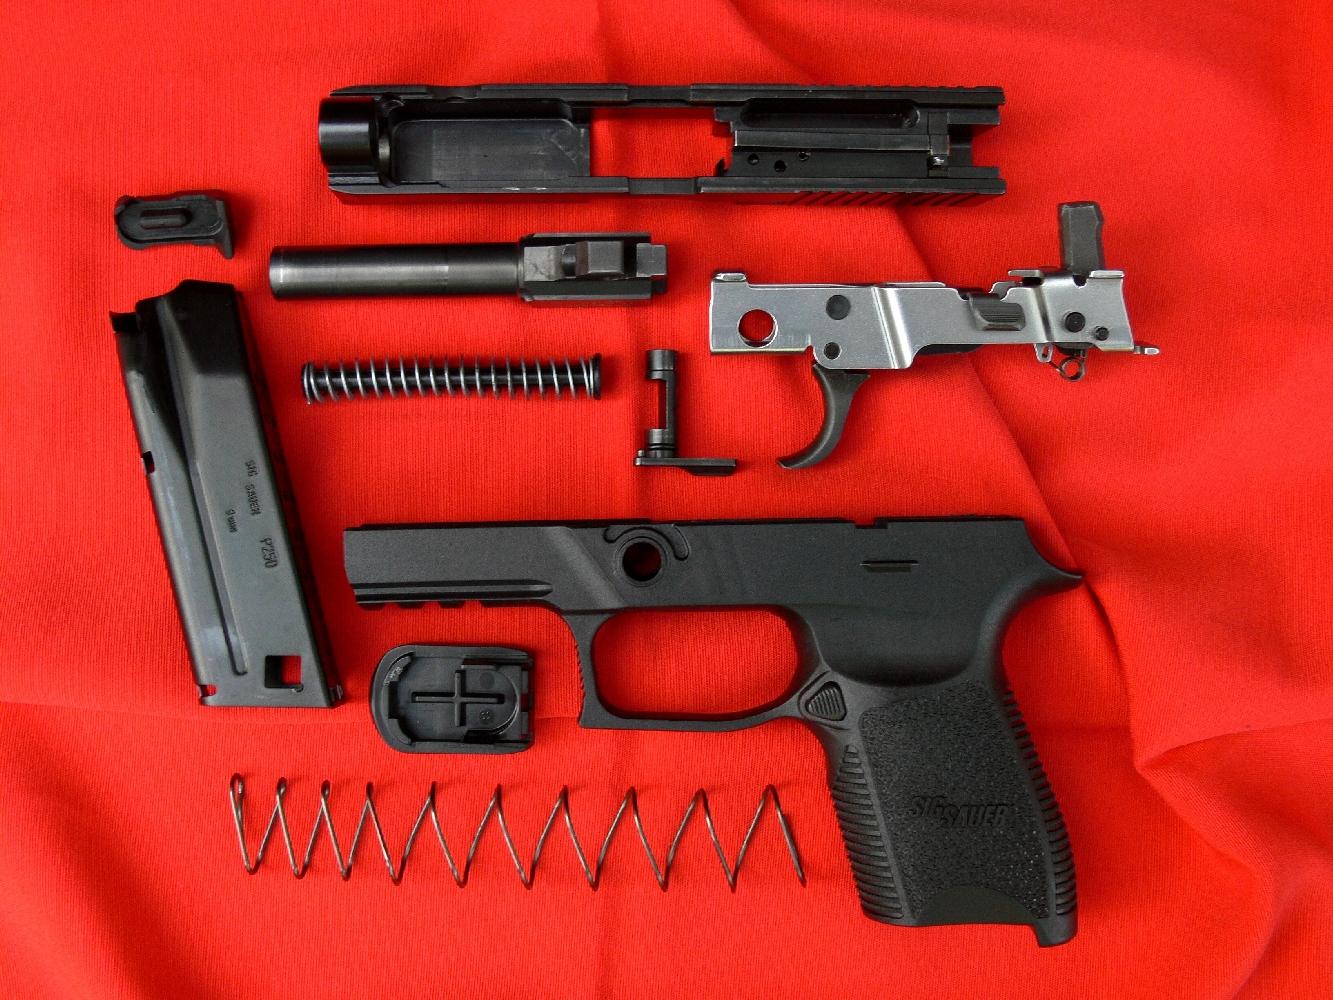 modifier son pistolet blanc pression d 39 preuve arme. Black Bedroom Furniture Sets. Home Design Ideas